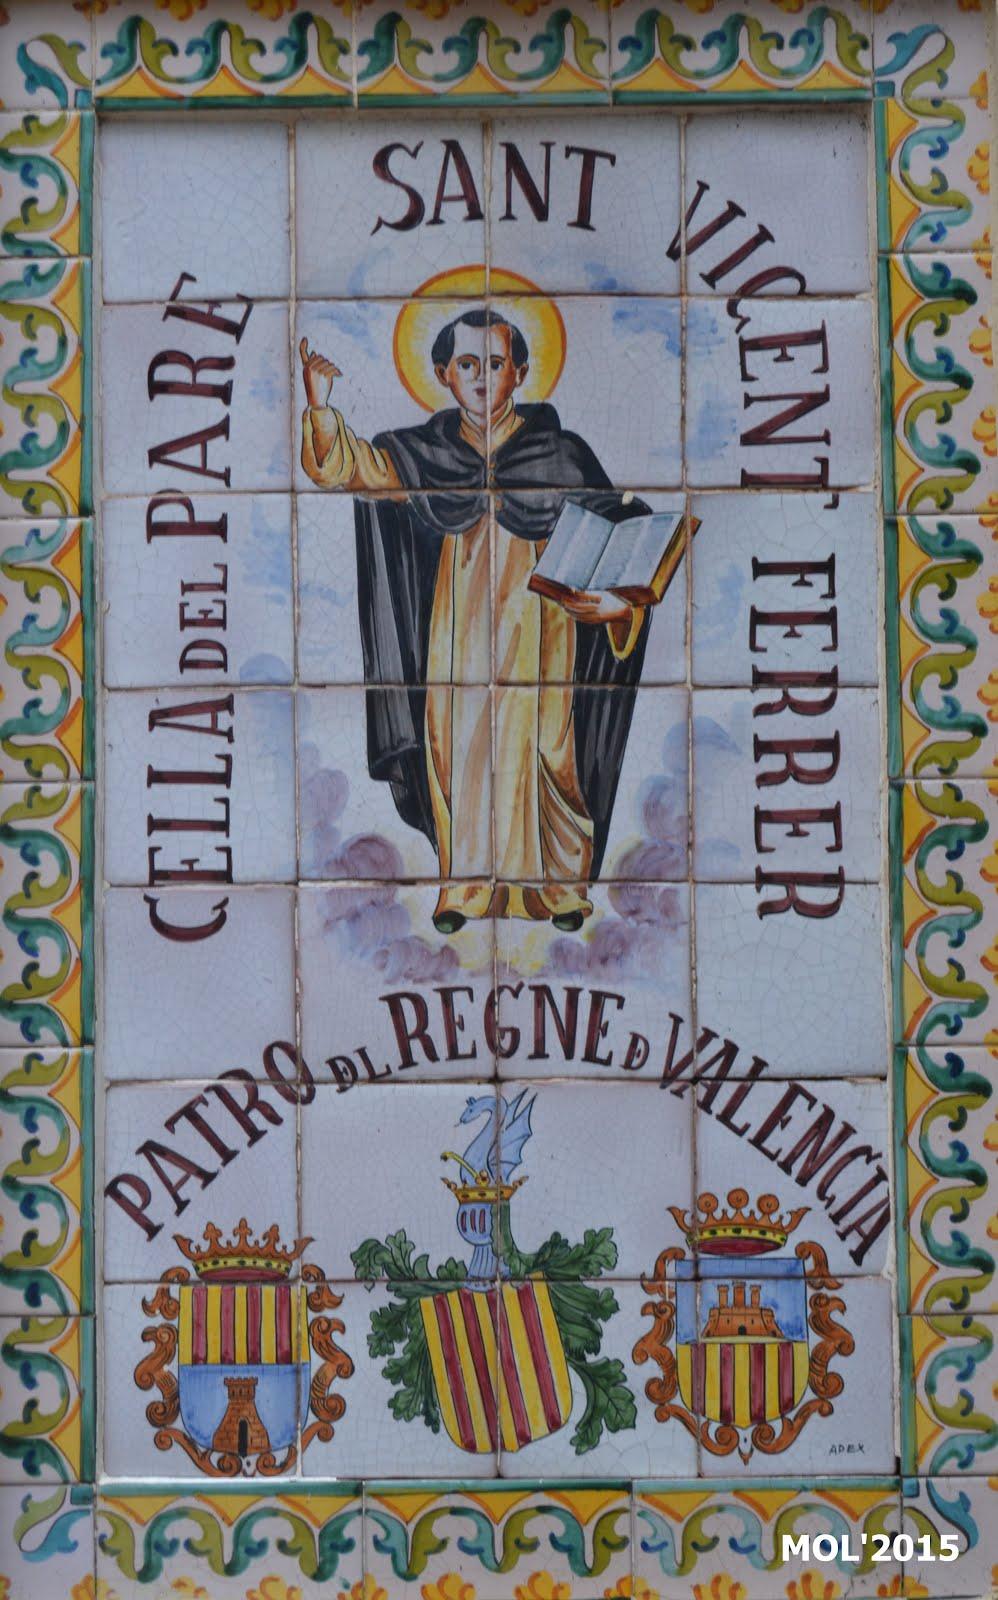 22.04.17 LA FESTA A SANT VICENT FERRER EN MANISES, UN POC D'HISTORIA.